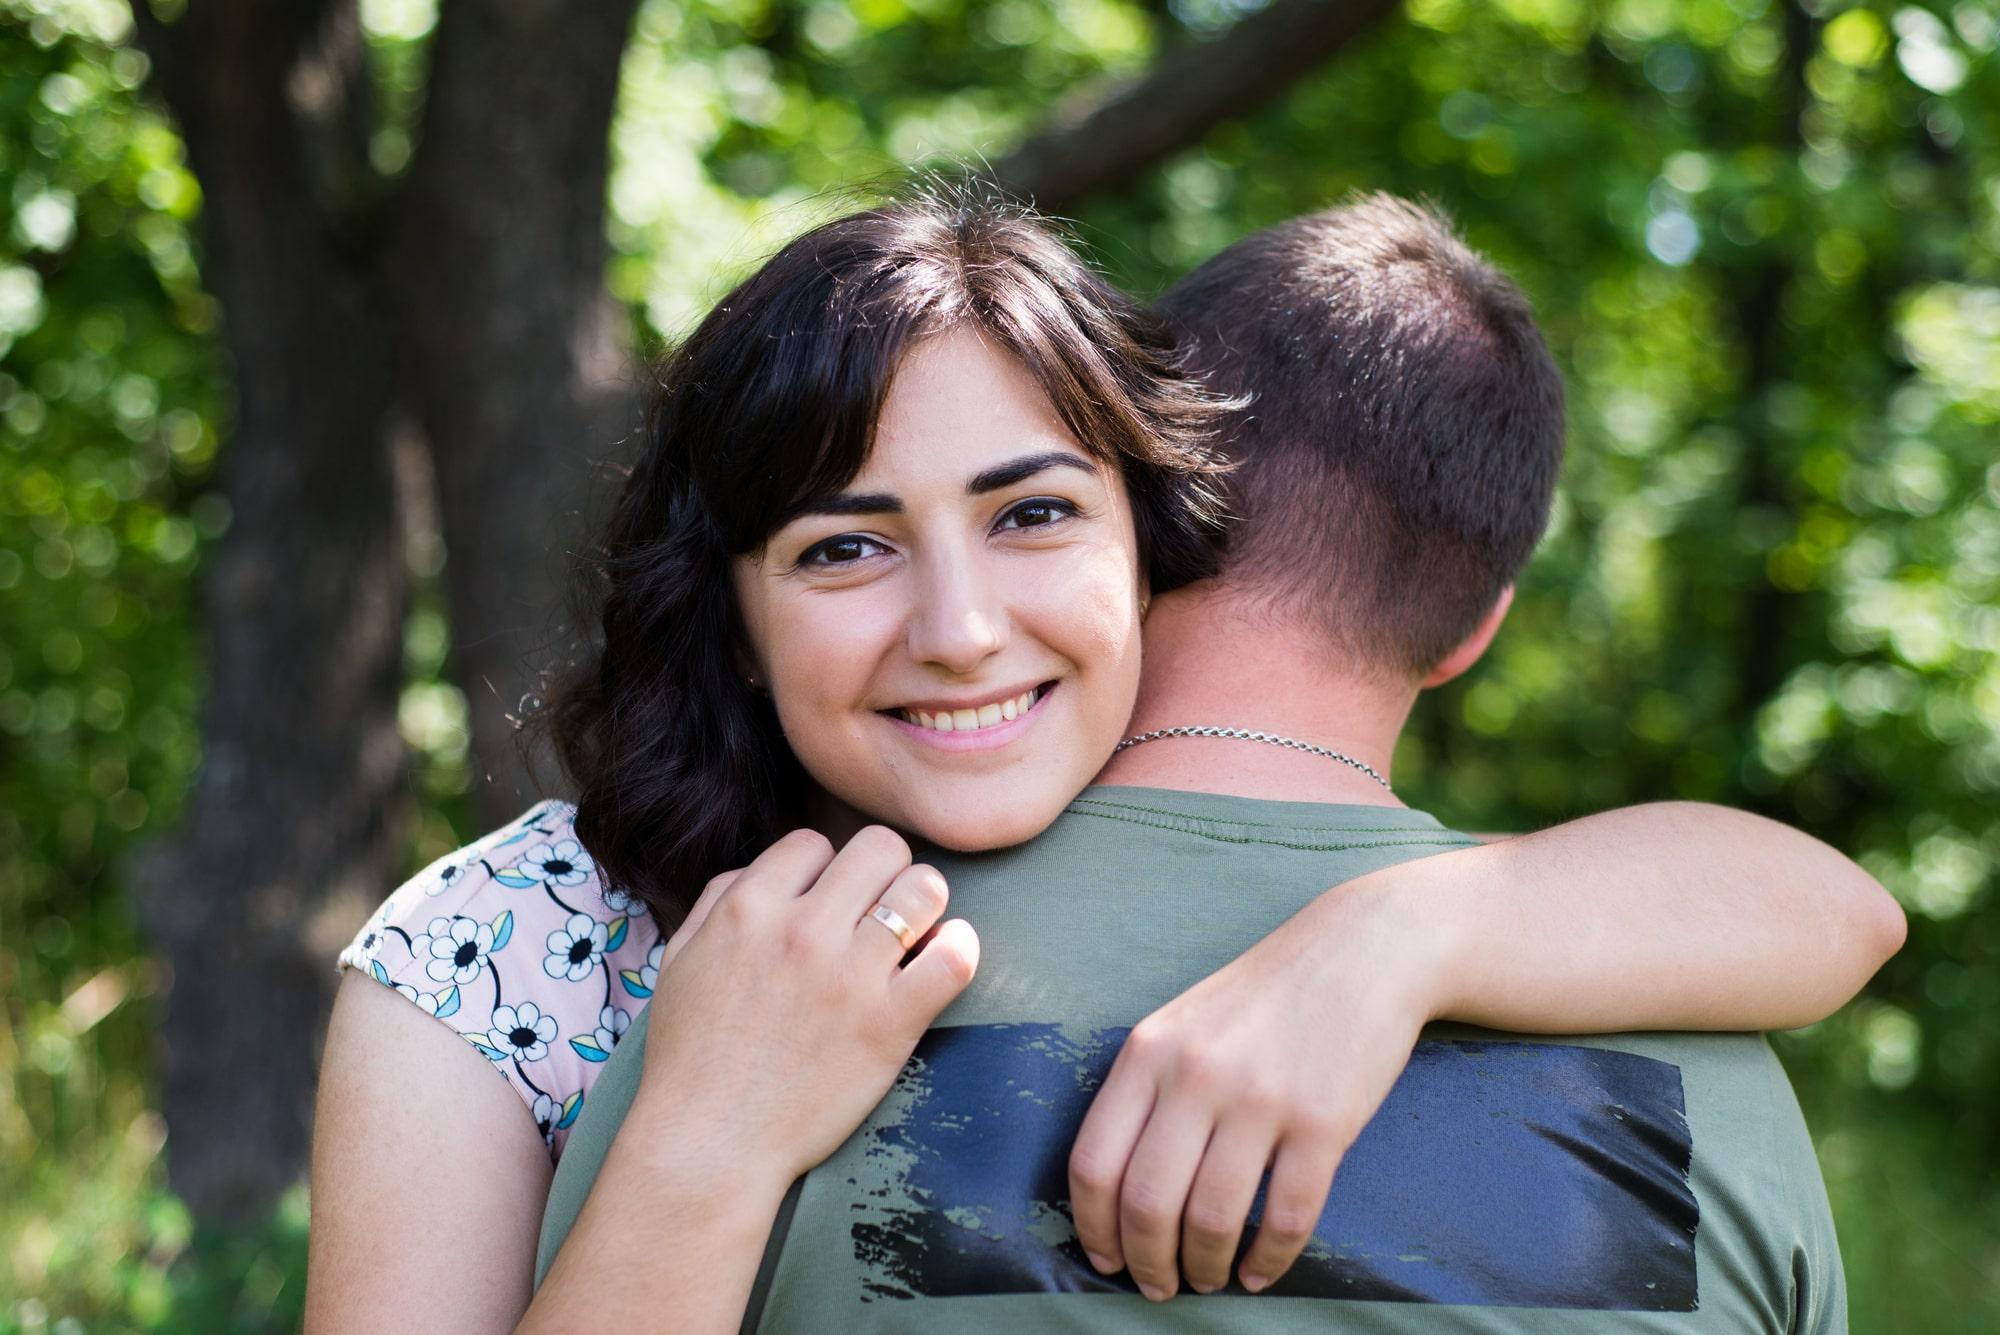 Обьятия пары на фотосессии Love Story в Киеве - Фотограф Женя Лайт